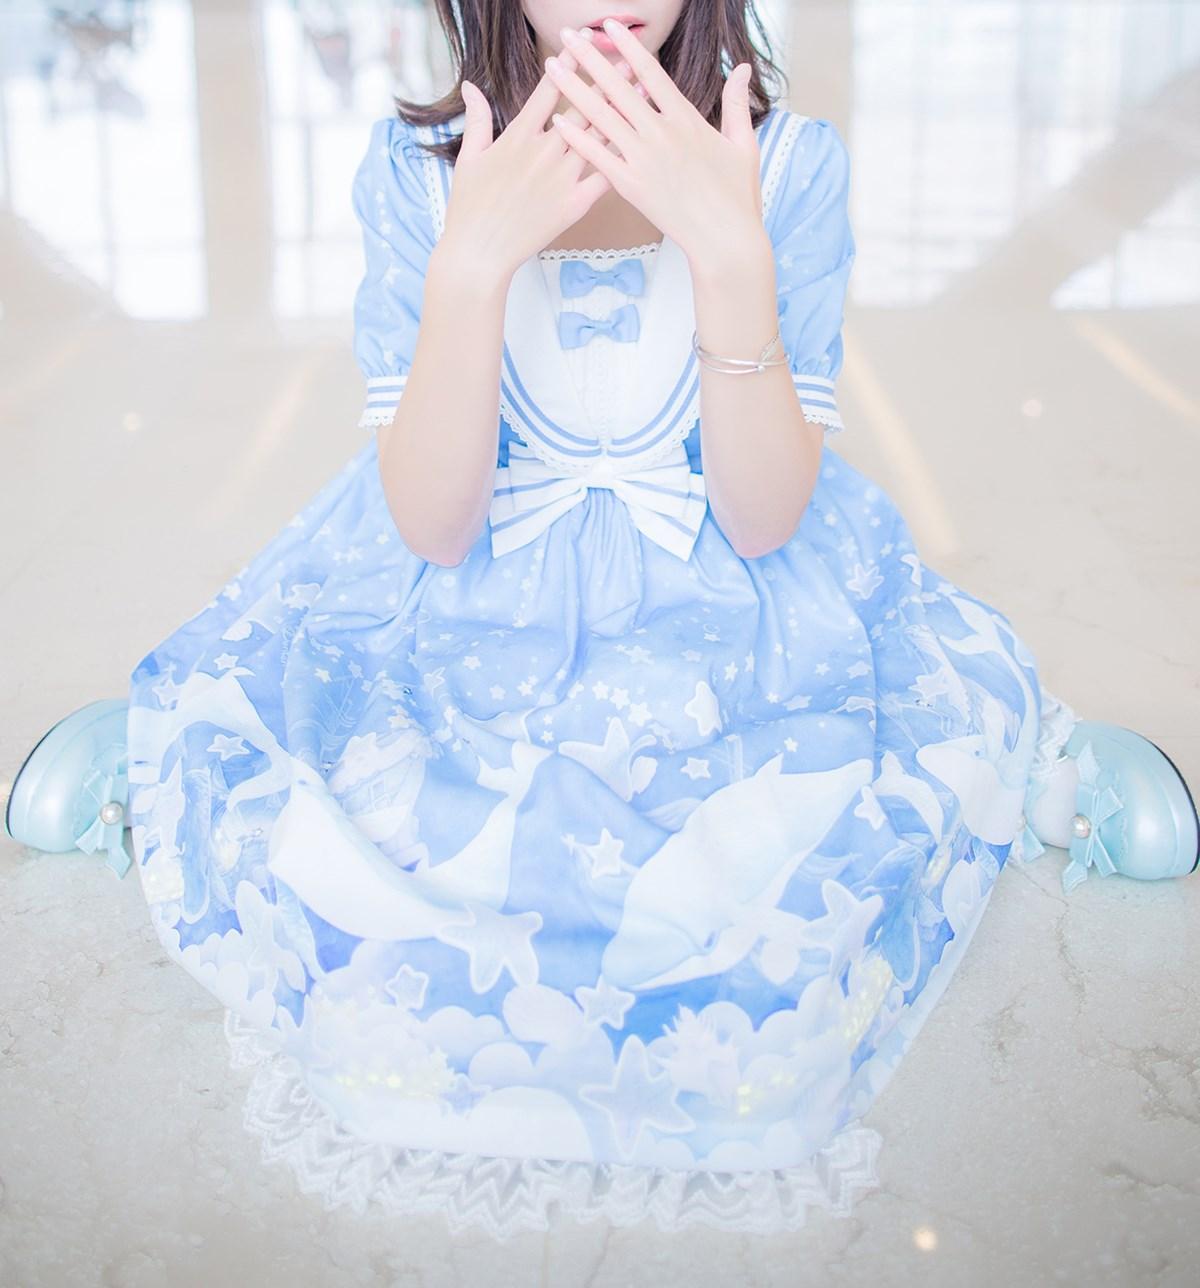 【兔玩映画】蓝色的LO娘 兔玩映画 第39张